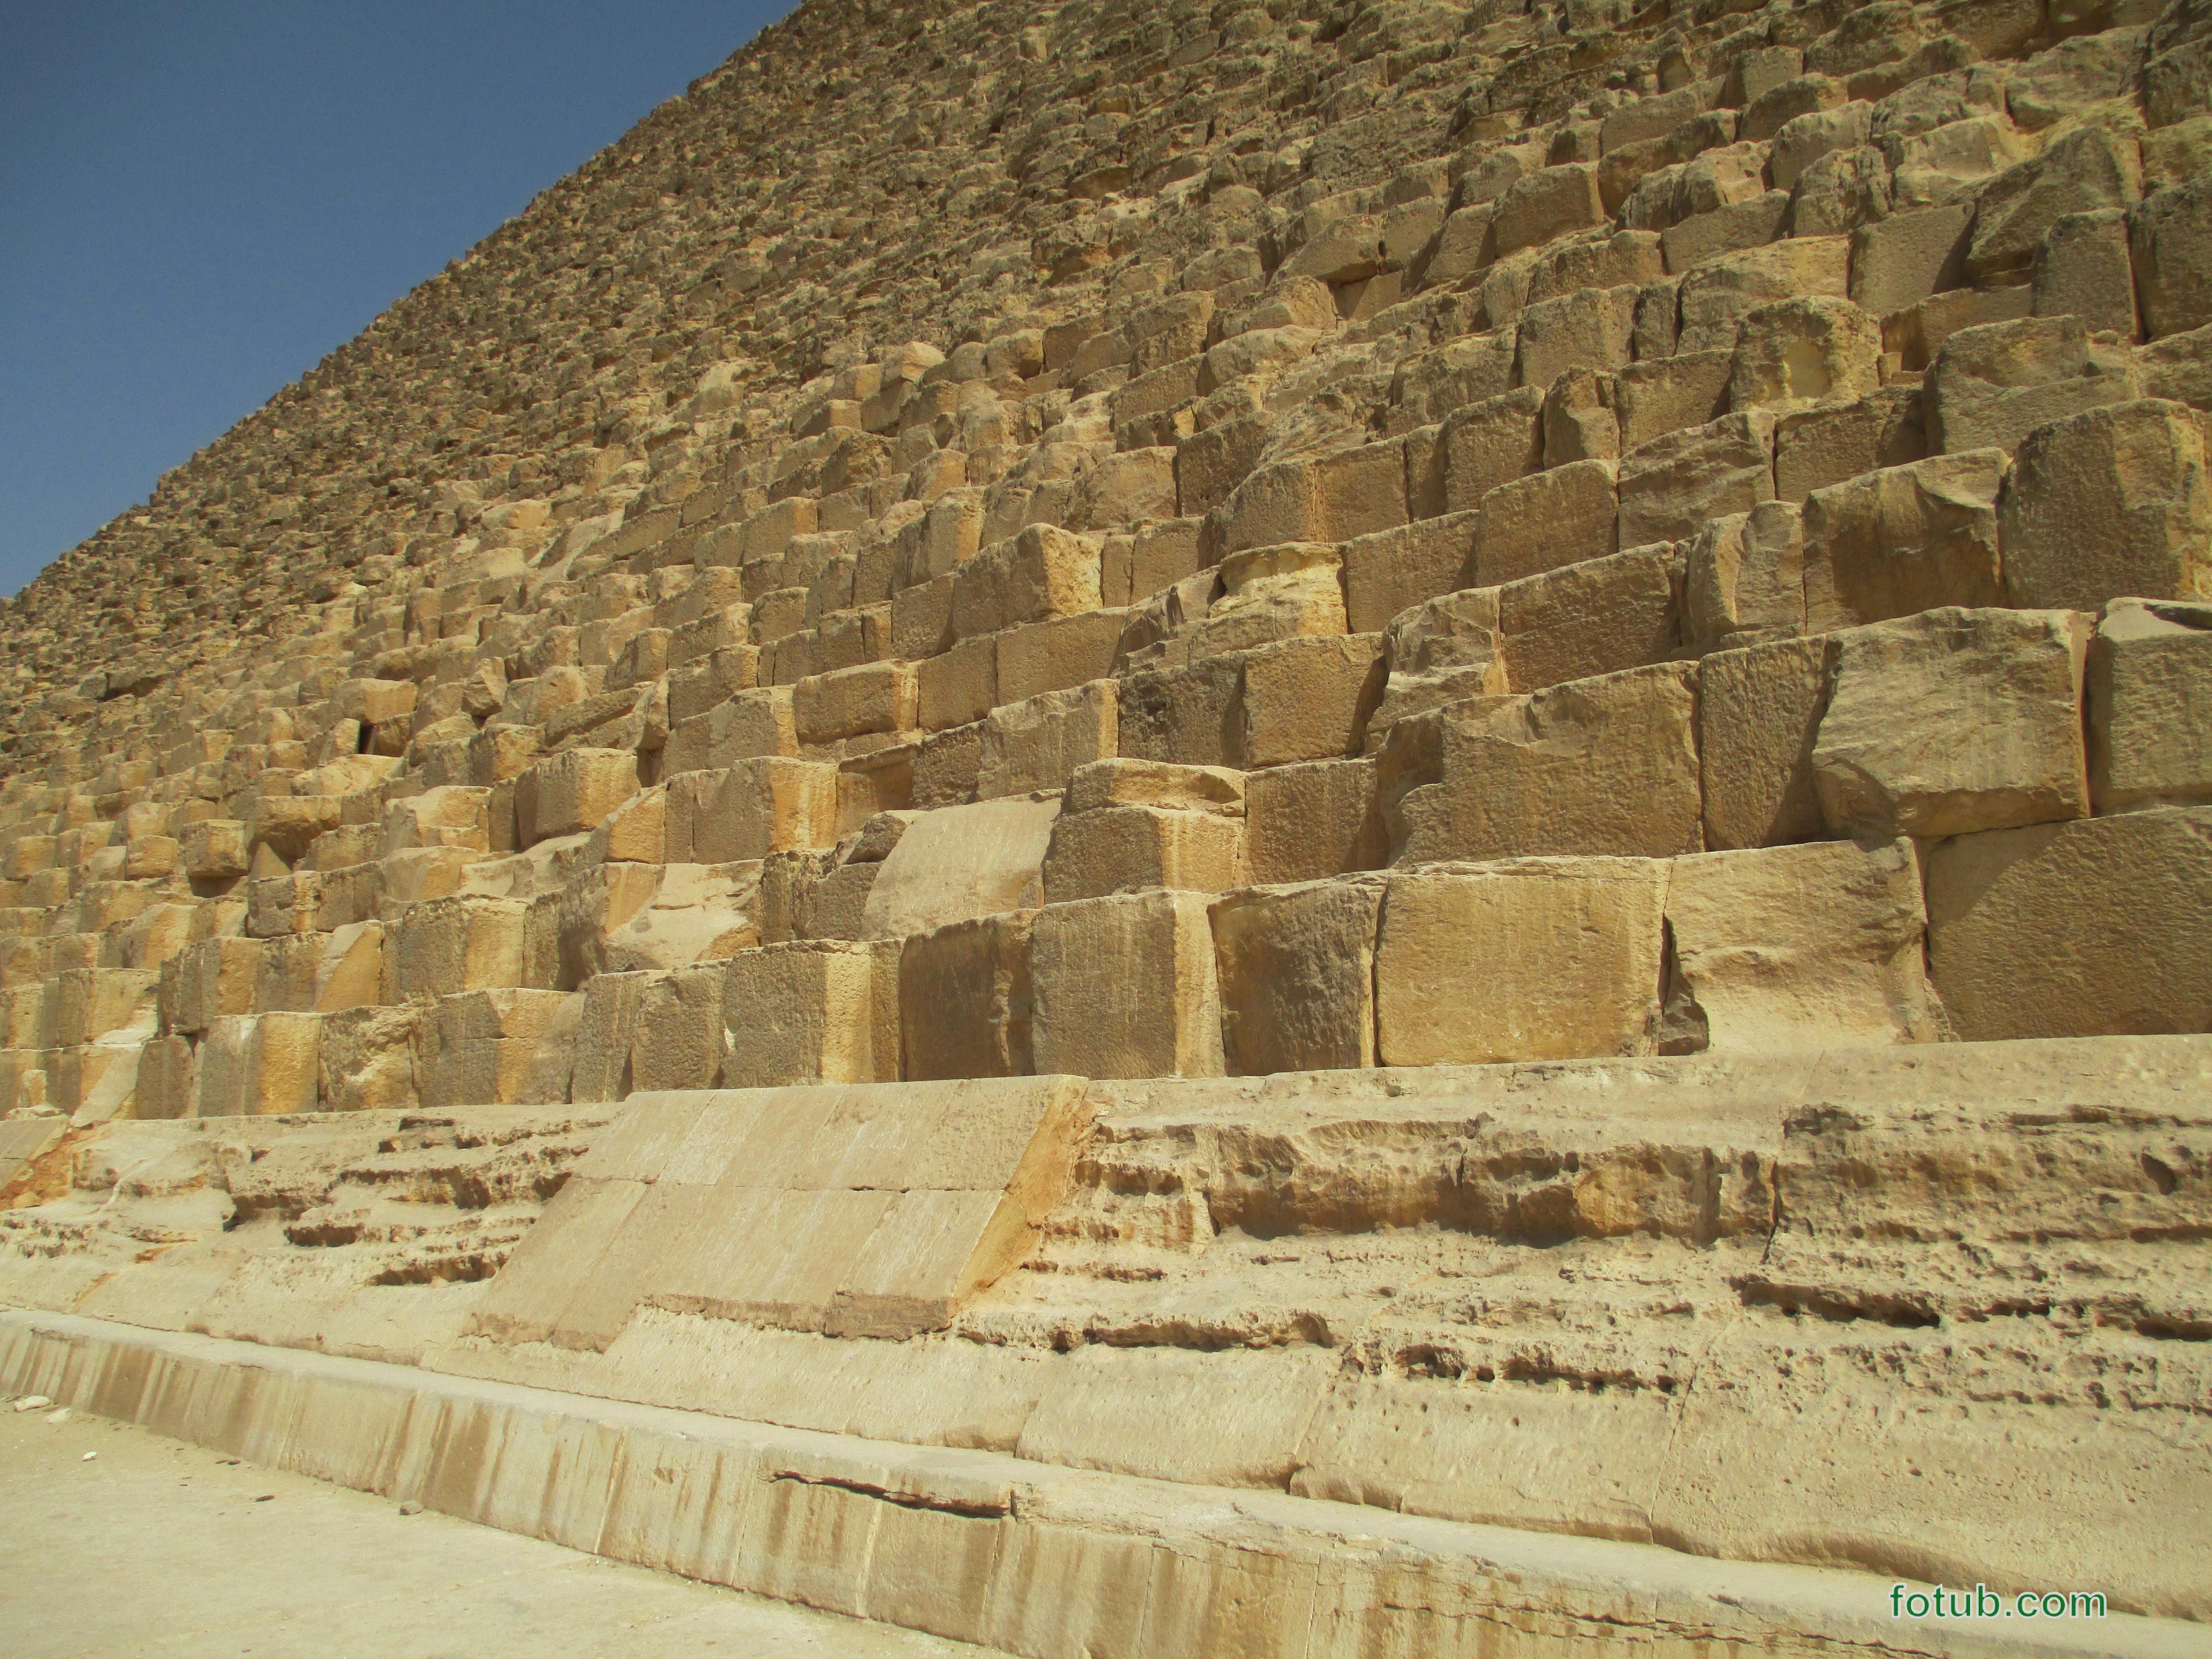 яблони схемы, что находится в пирамидах египта фото исландская кухня